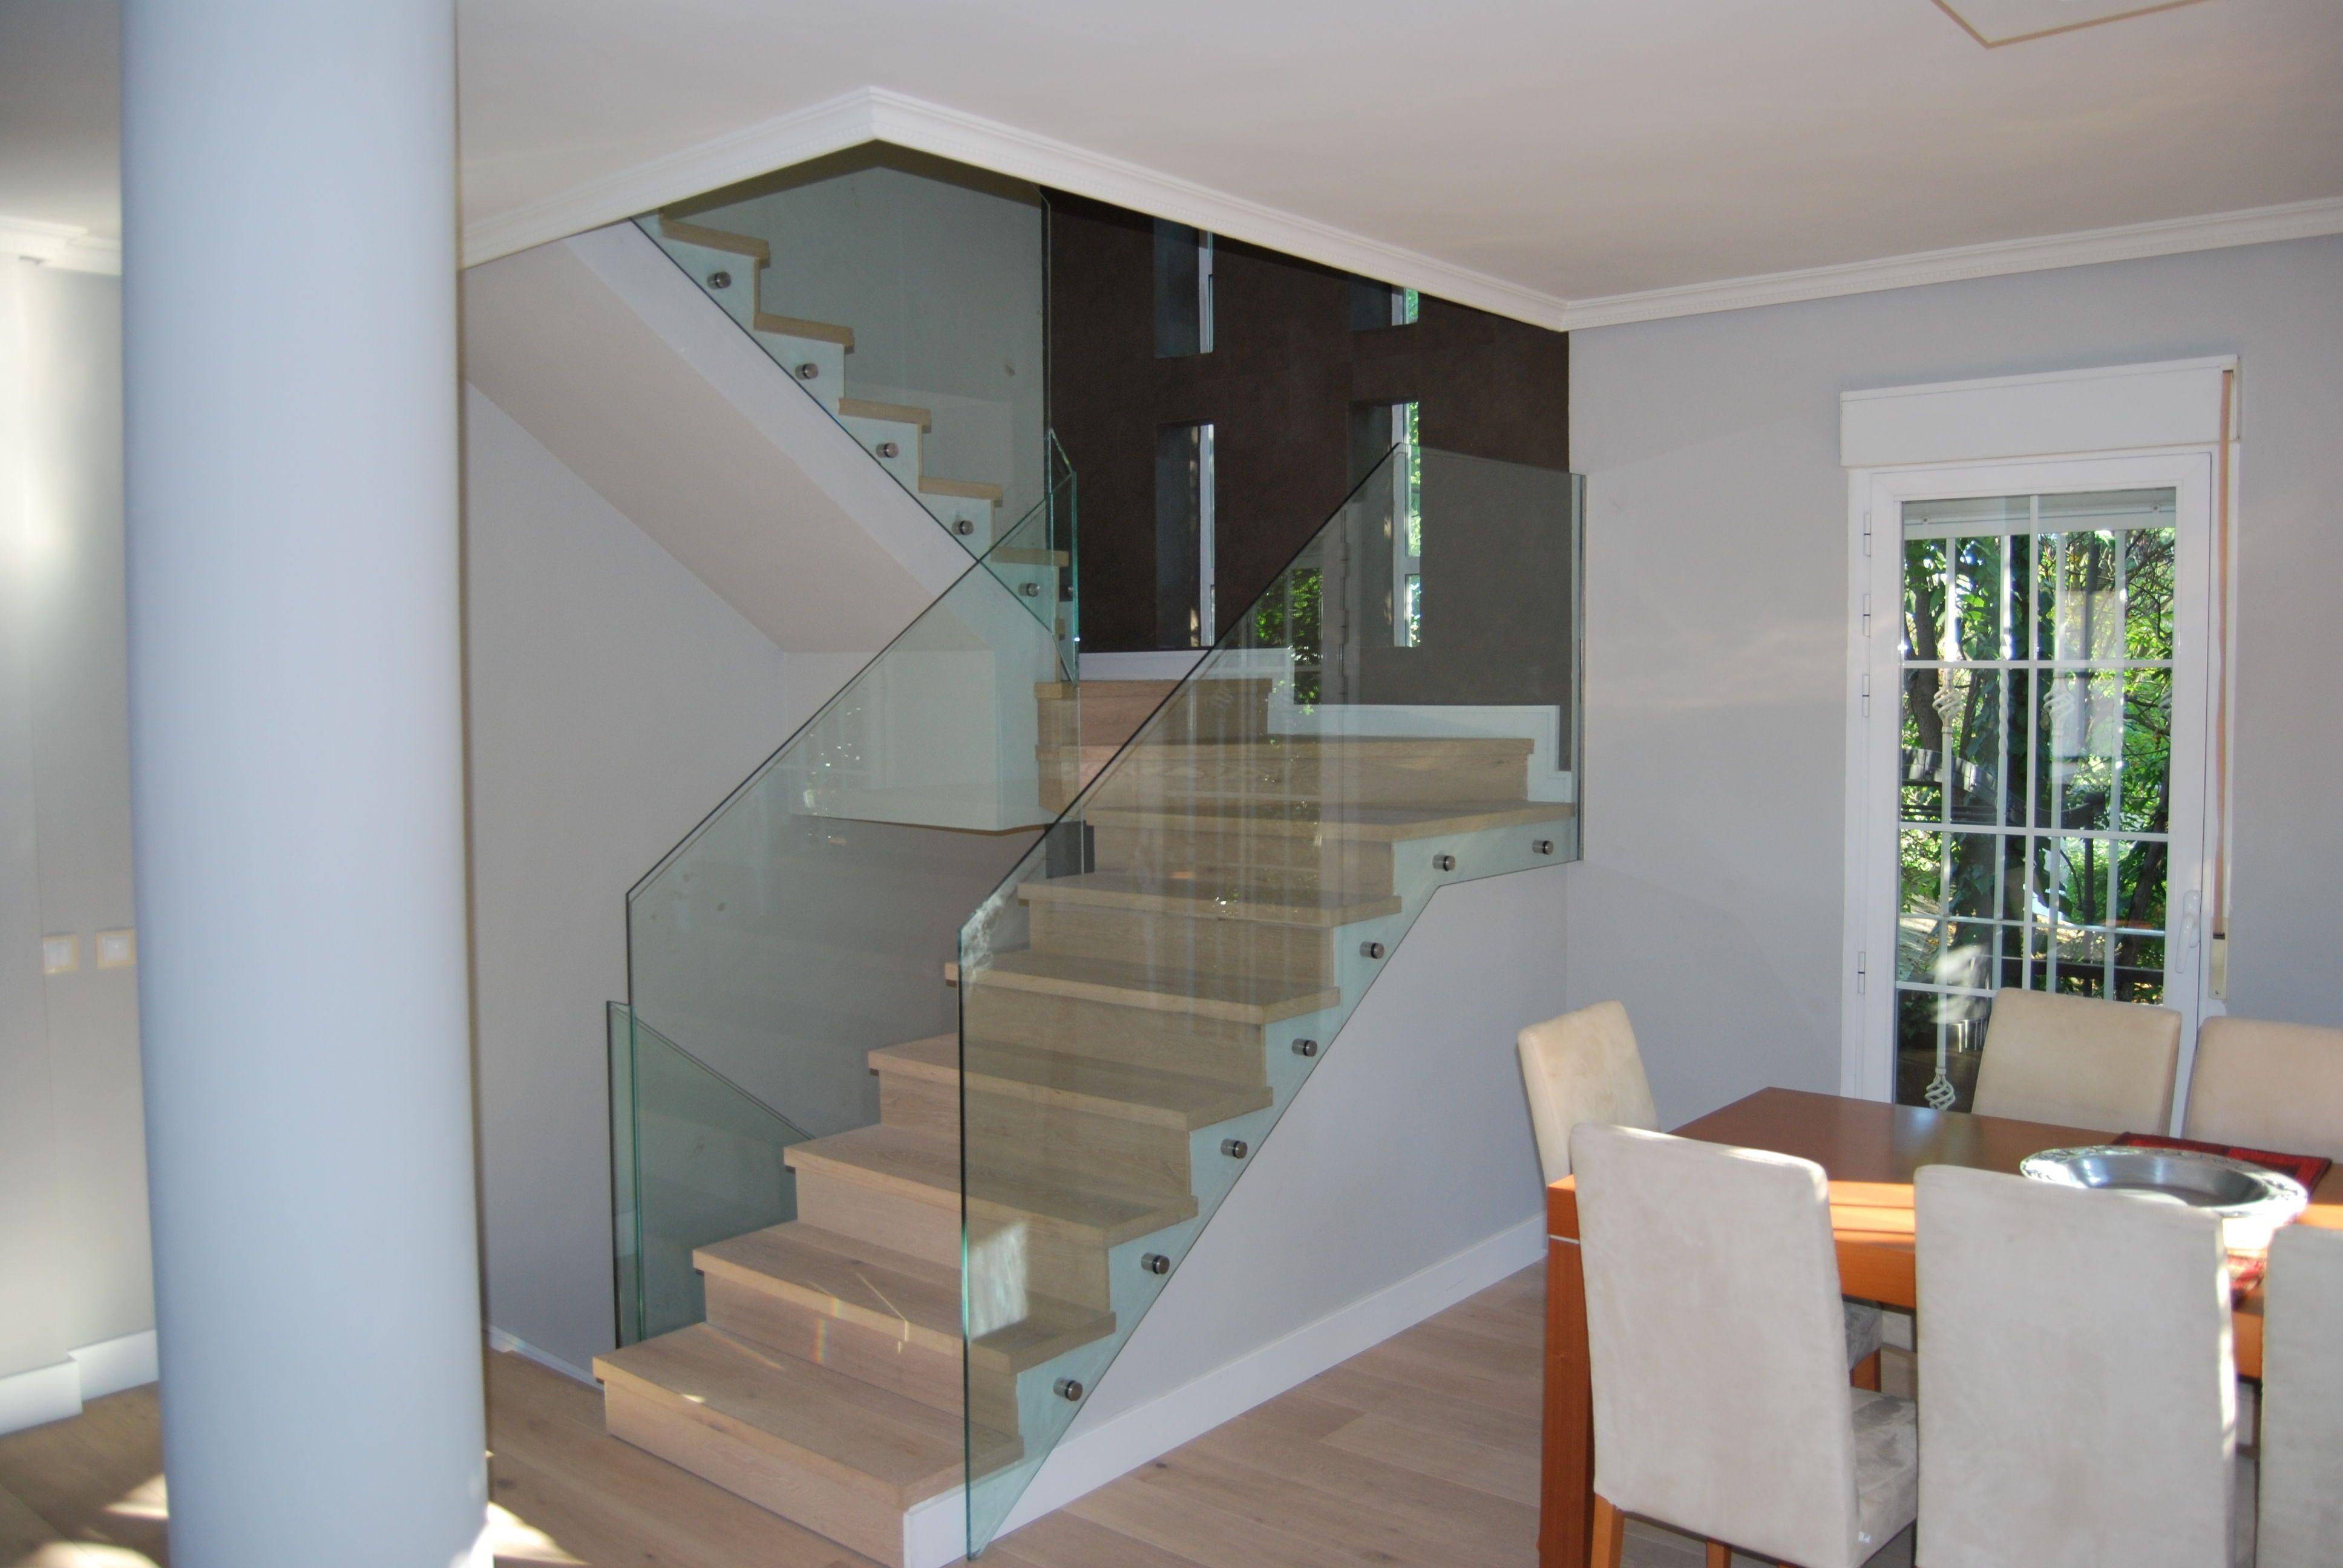 Resultat Dimatges De Barandas Escaleras Modernas Con Cristal - Barandas-escaleras-modernas